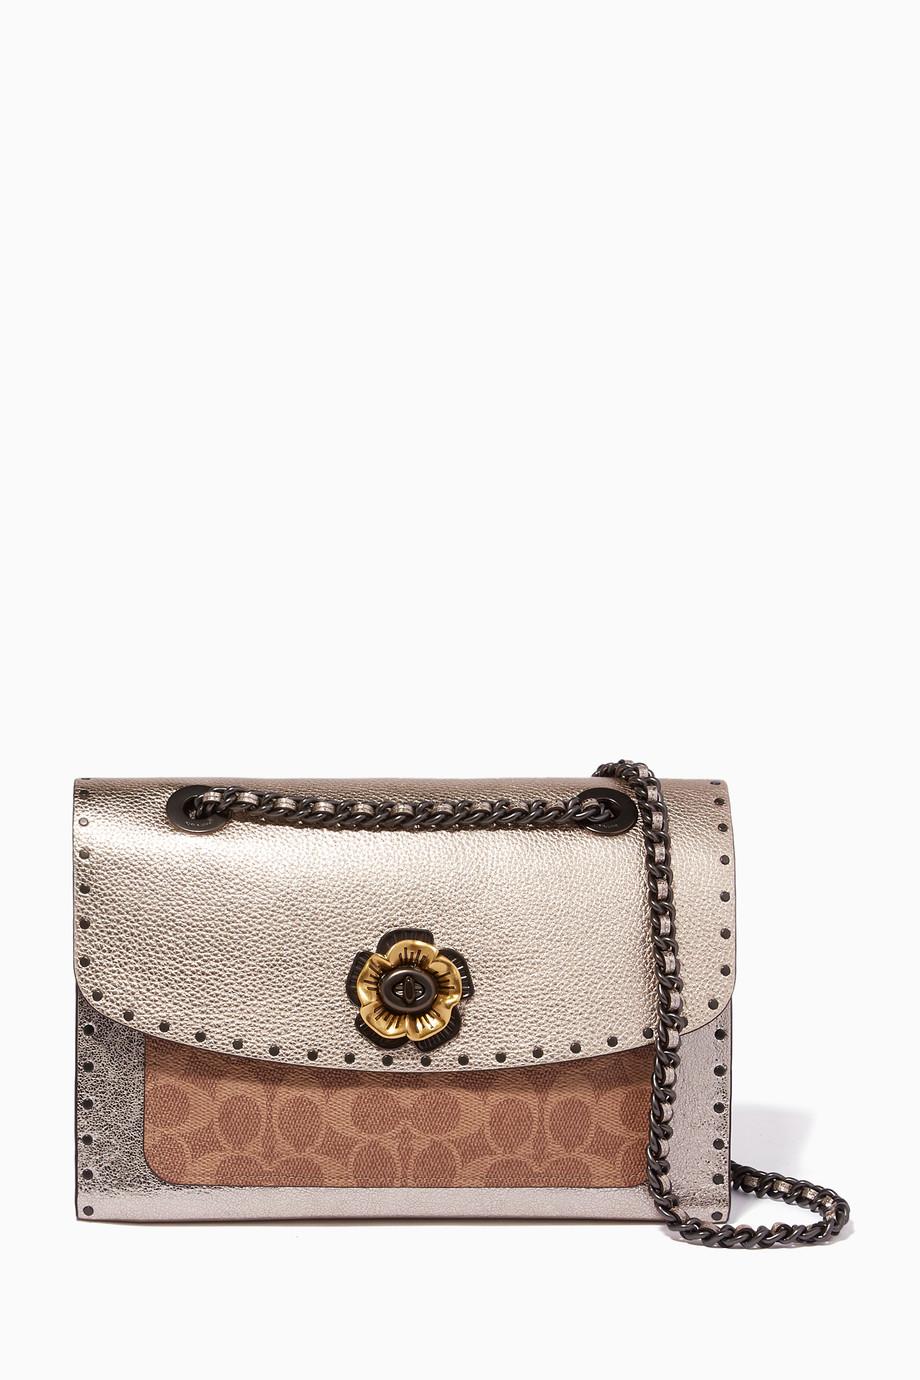 bdf710a61c7b5b Shop Coach Neutral Platinum Signature Canvas Parker Bag for Women ...